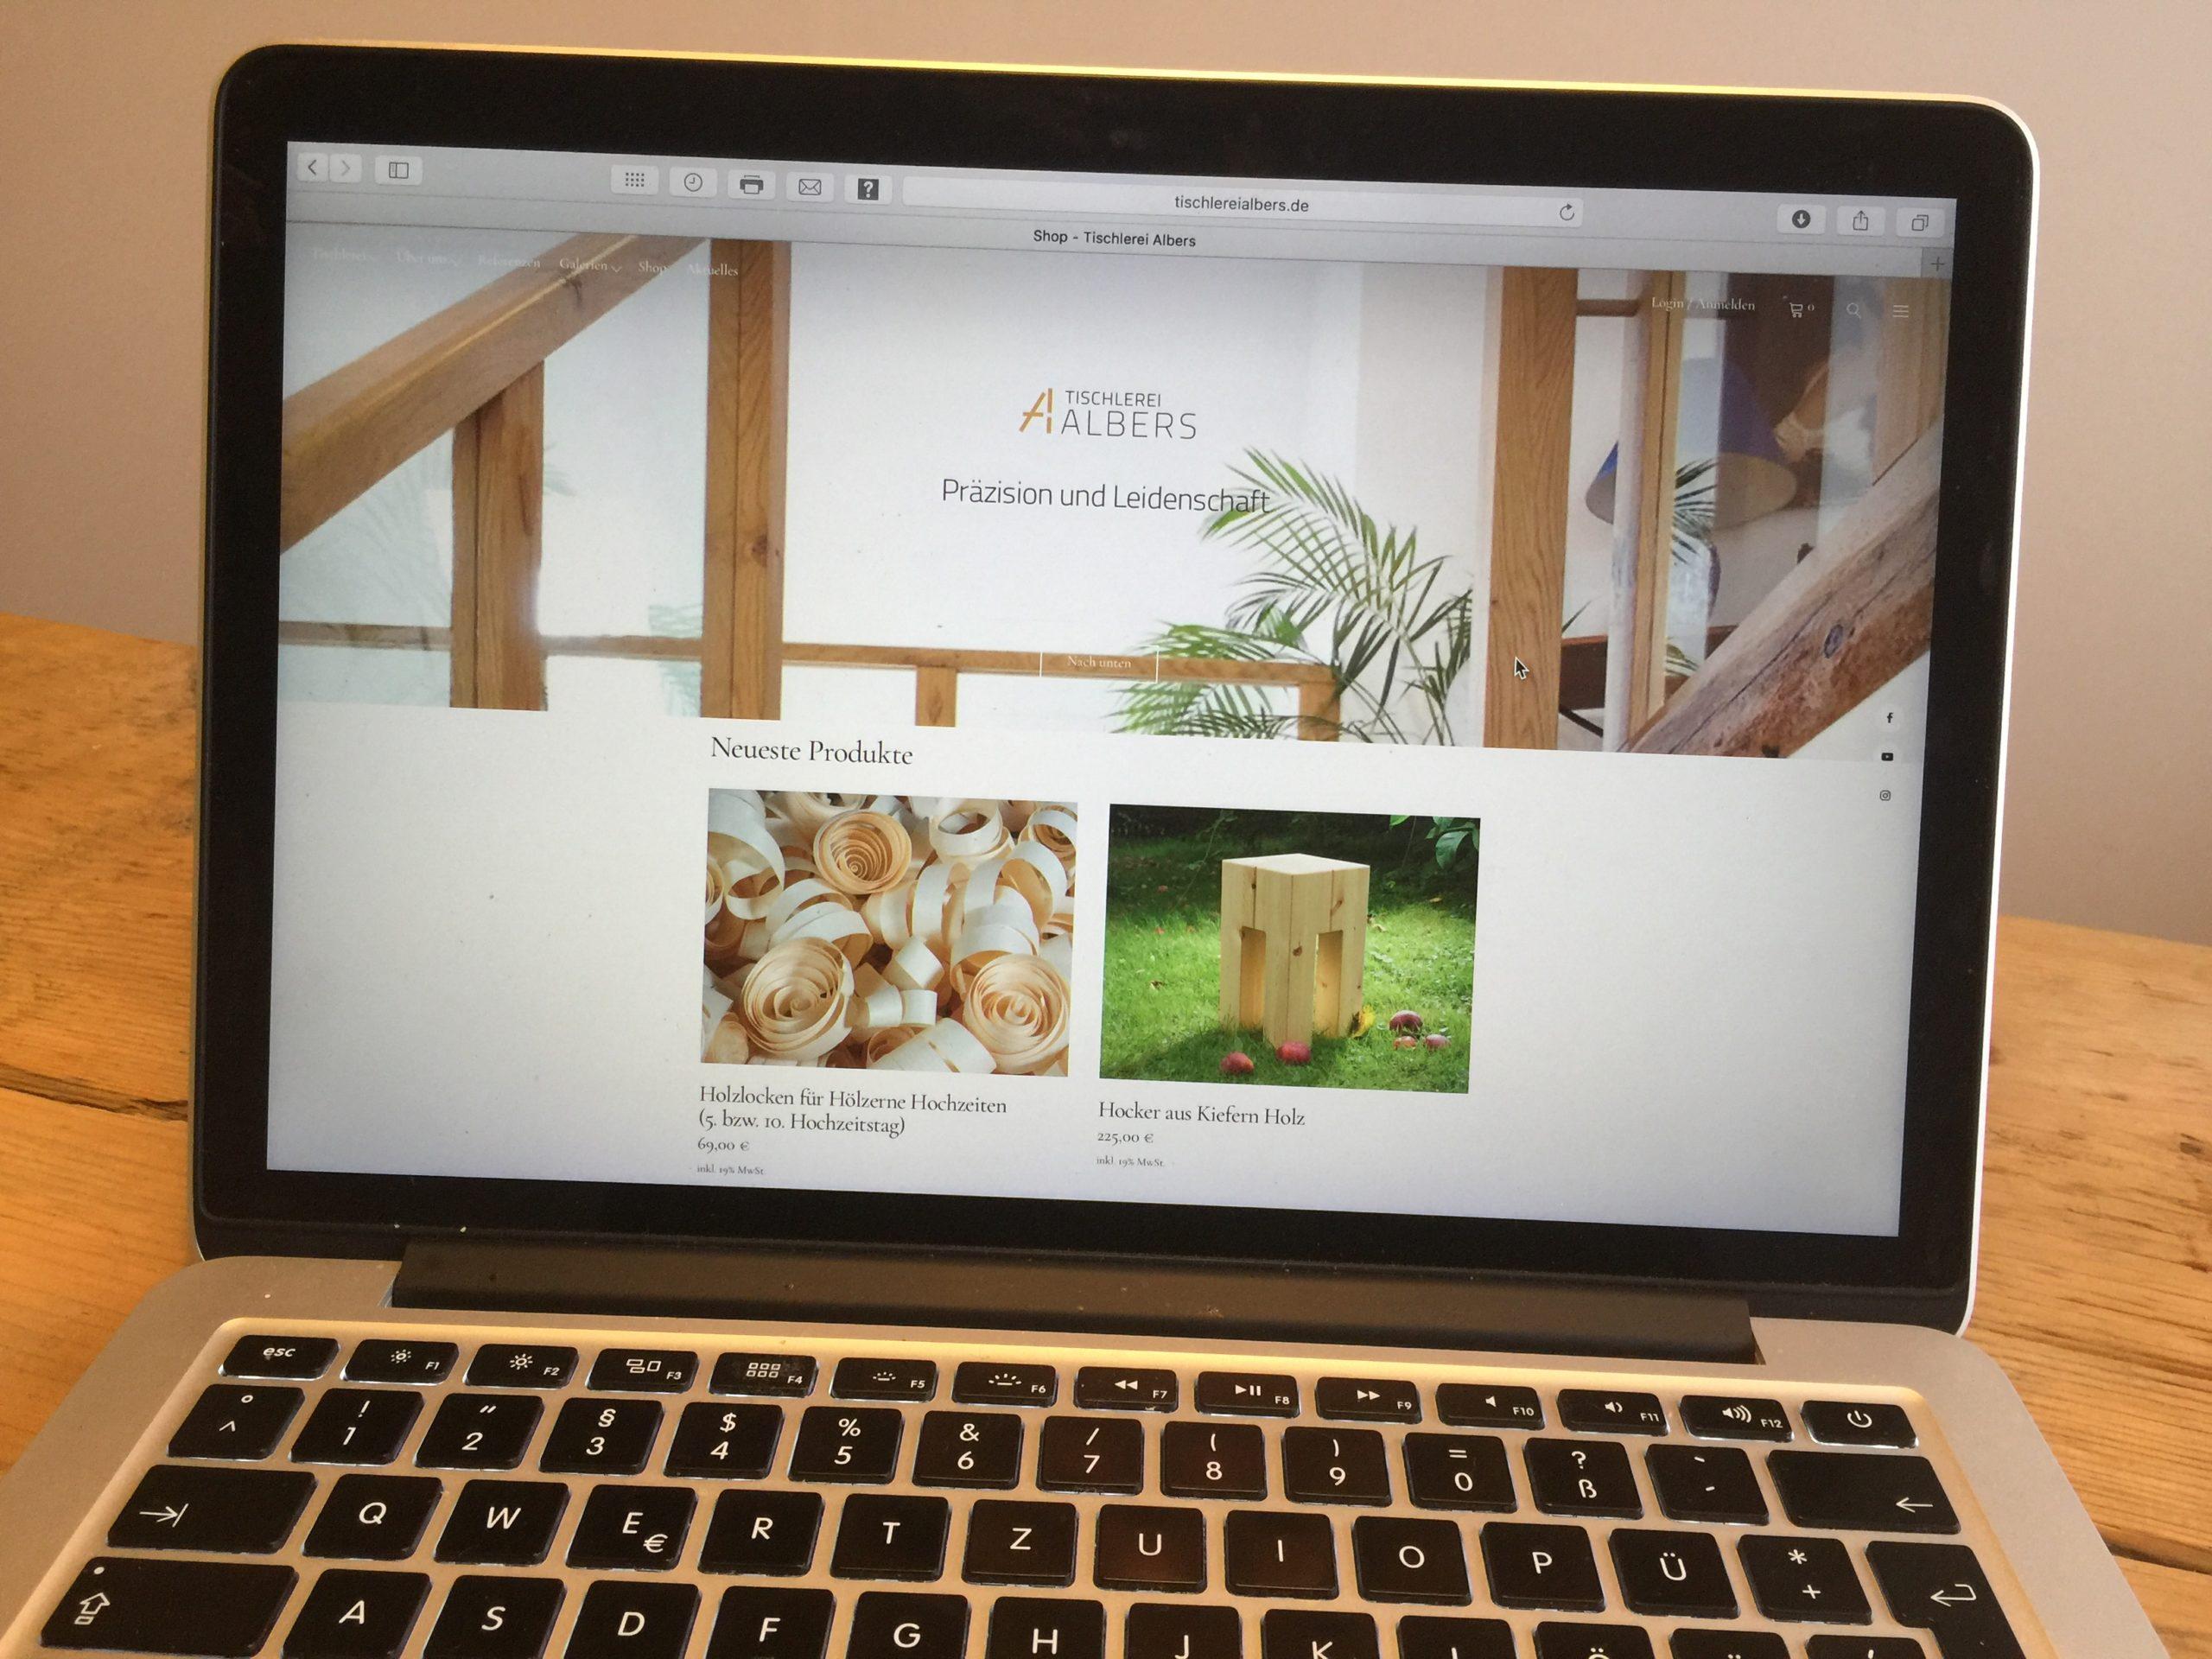 Neues Design: Tischlerei Albers im Netz. Plus ein feiner Online-Shop